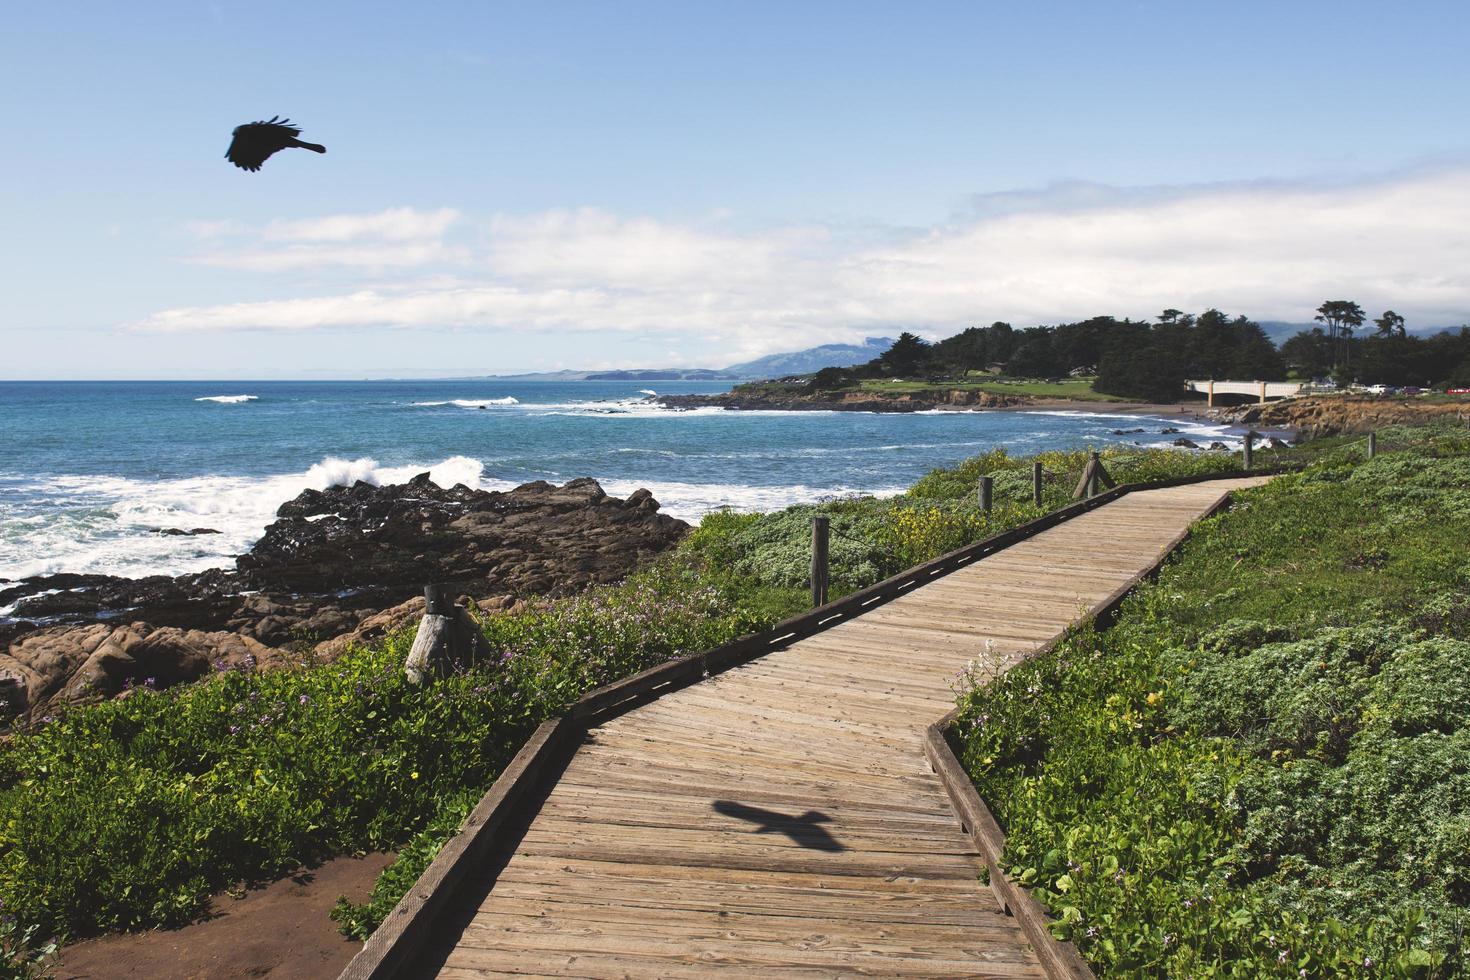 paseo marítimo de madera cerca de la playa foto